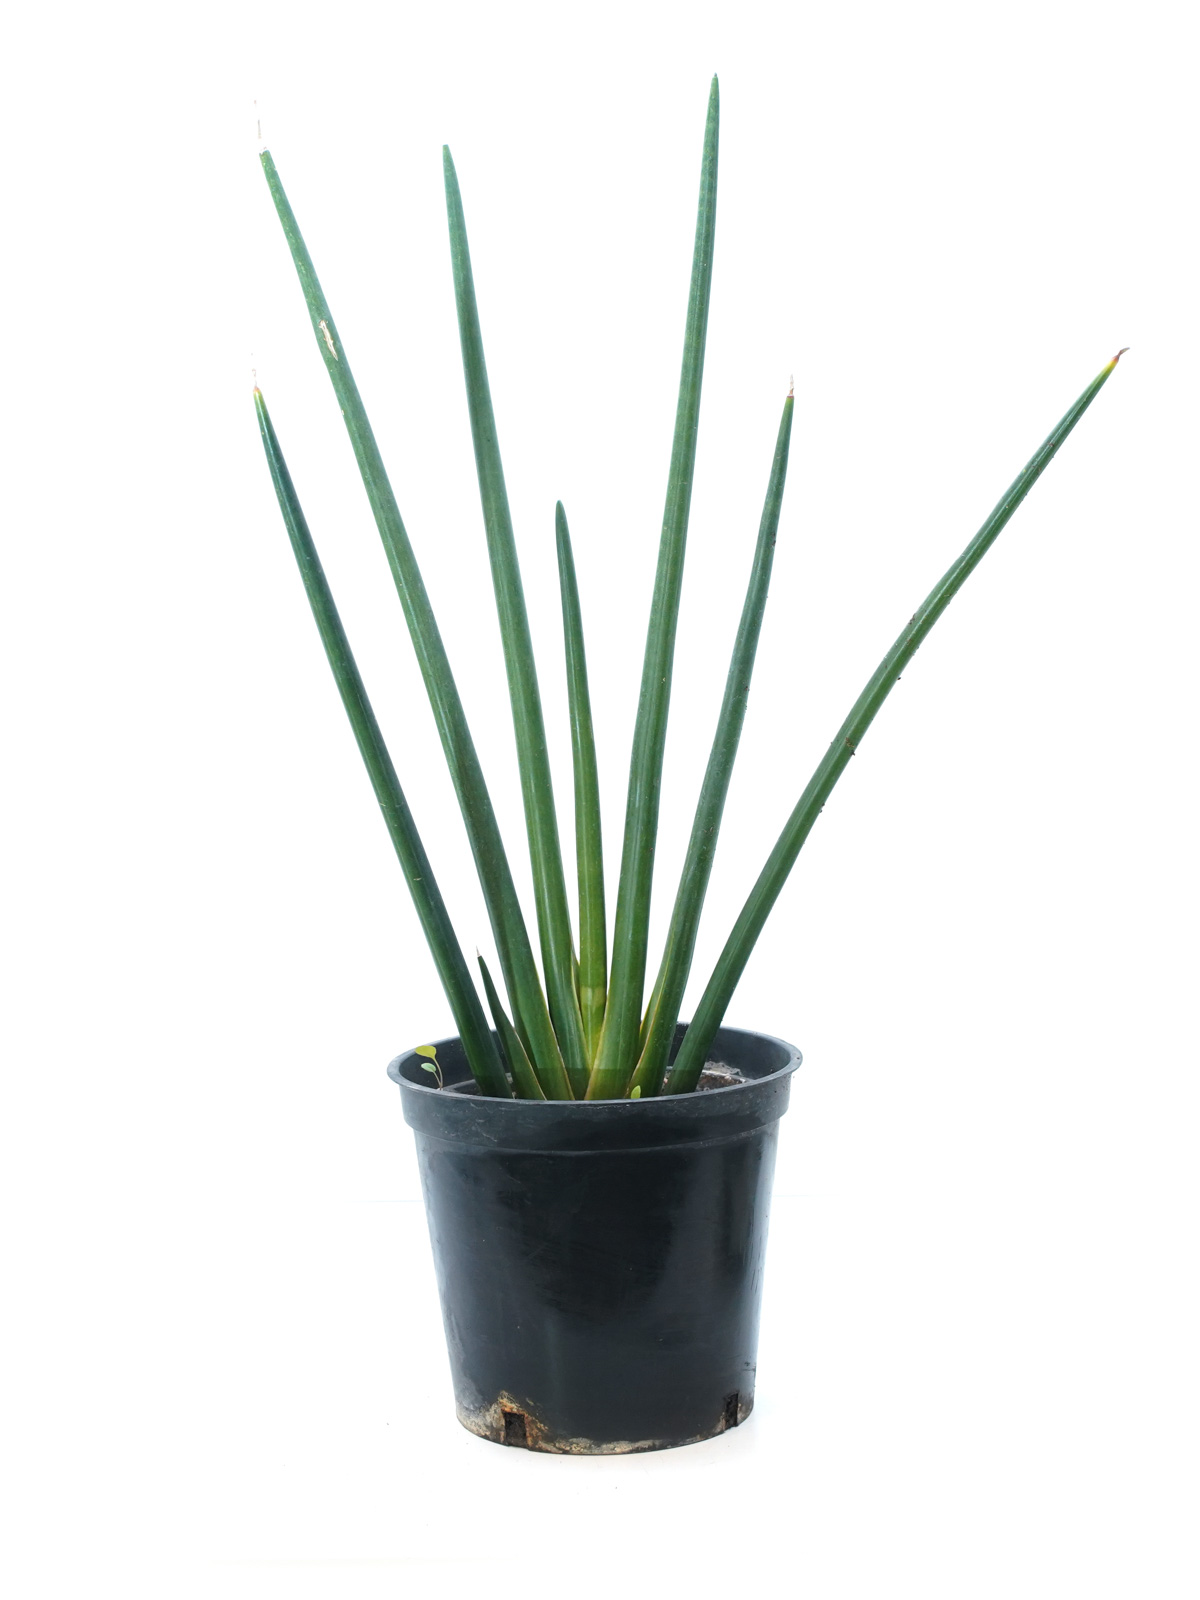 سانسيفيريا سيليندريكا 'نباتات داخلية'